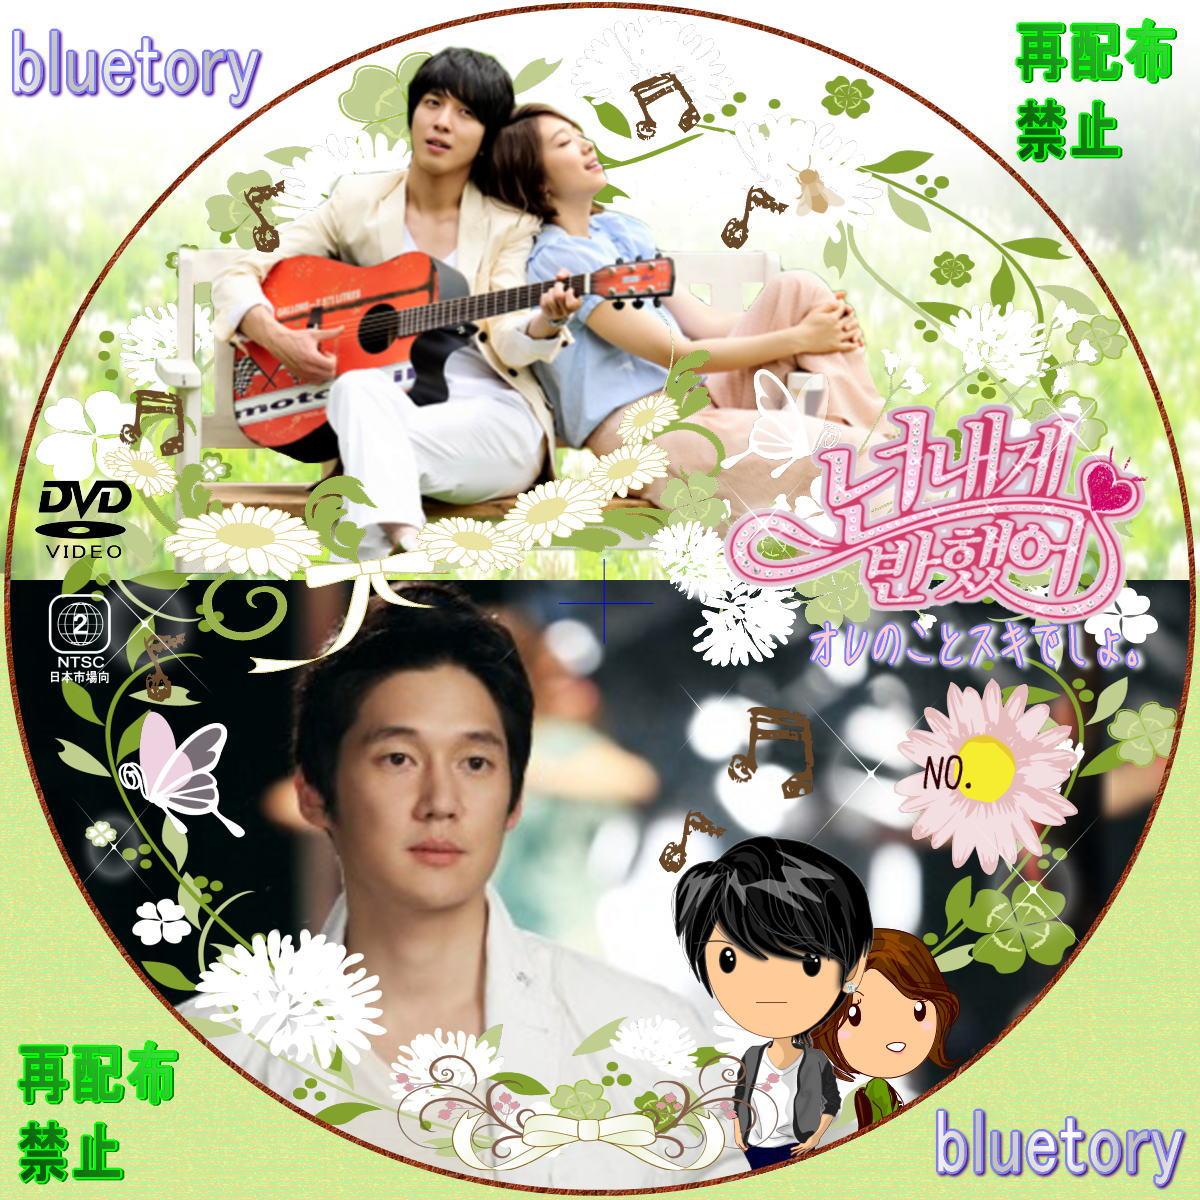 ソクヒョン&ユンス-4